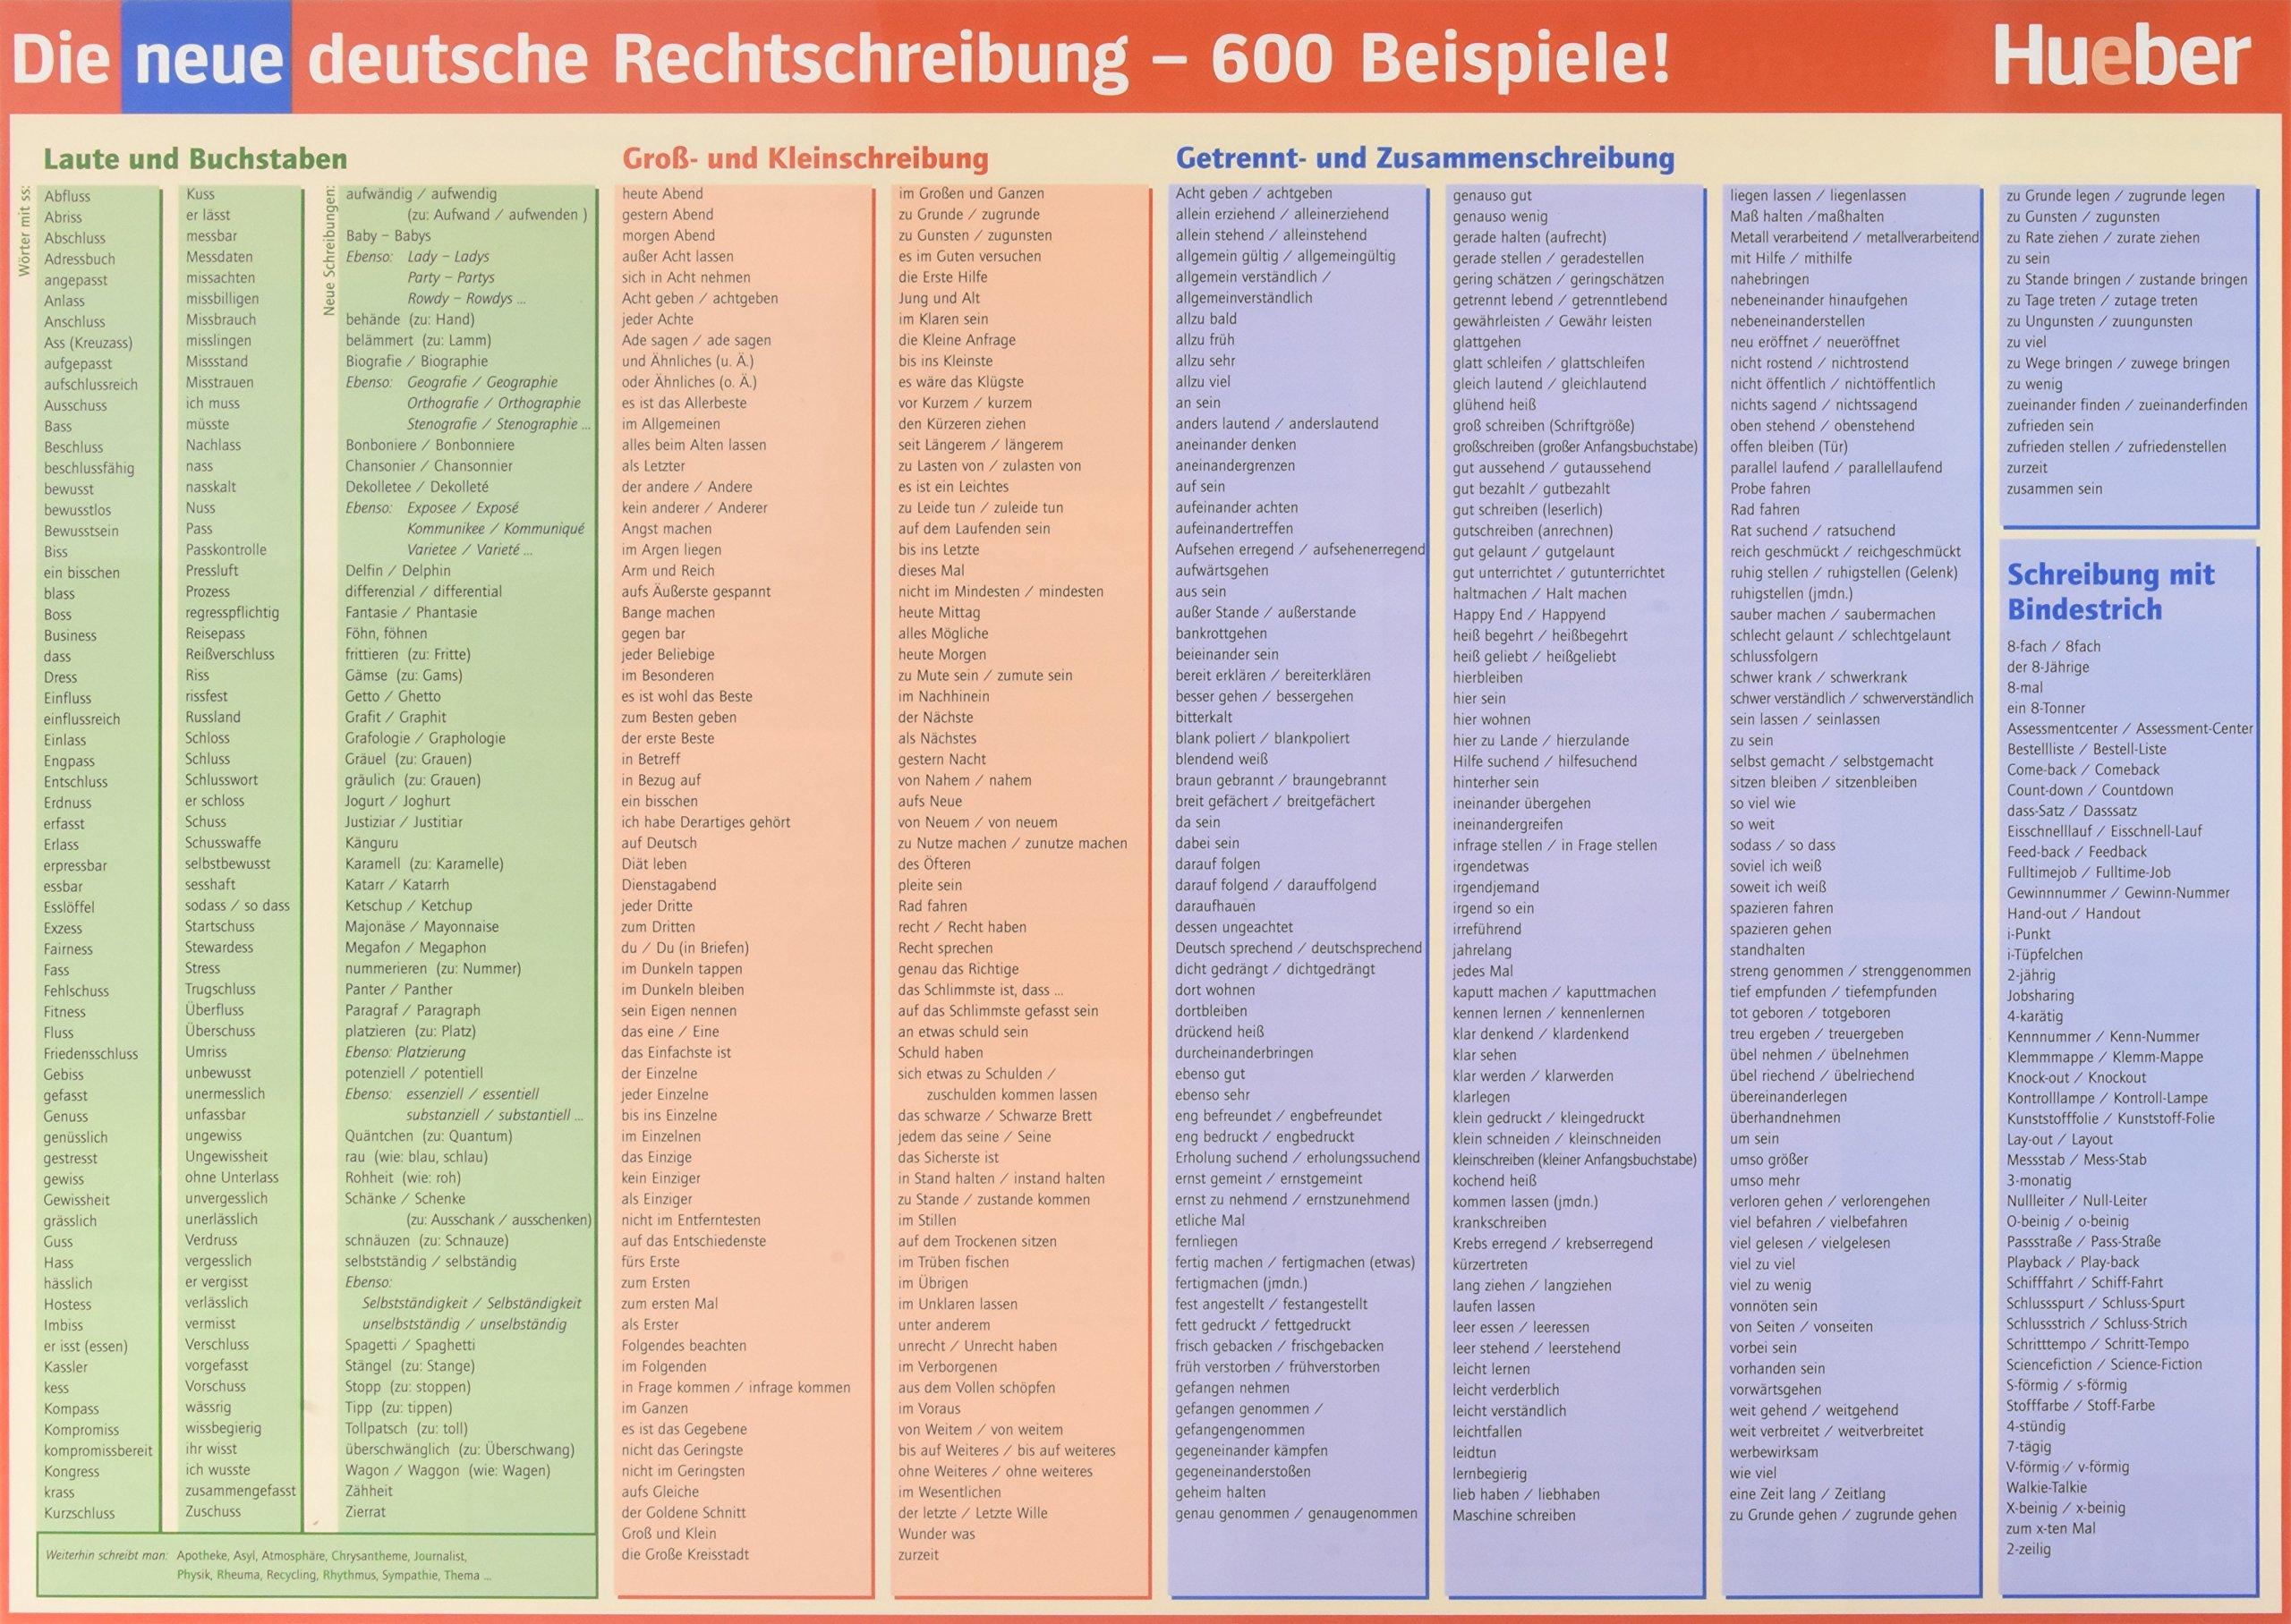 die-neue-deutsche-rechtschreibung-schreibunterlage